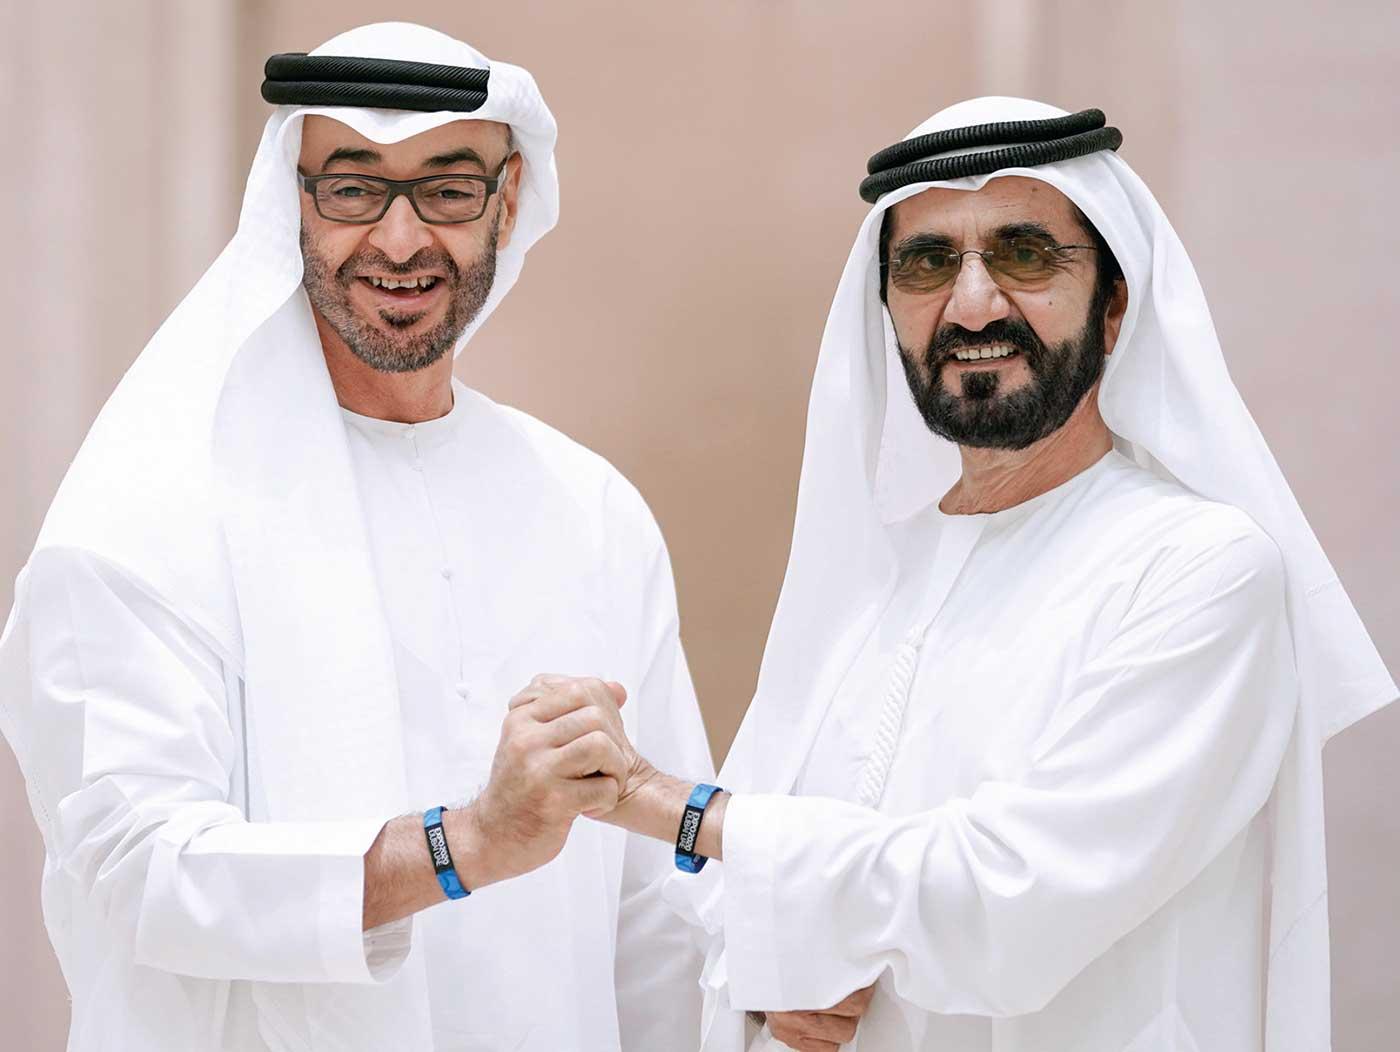 الشيخ محمد بن زايد مع الشيخ محمد بن راشد